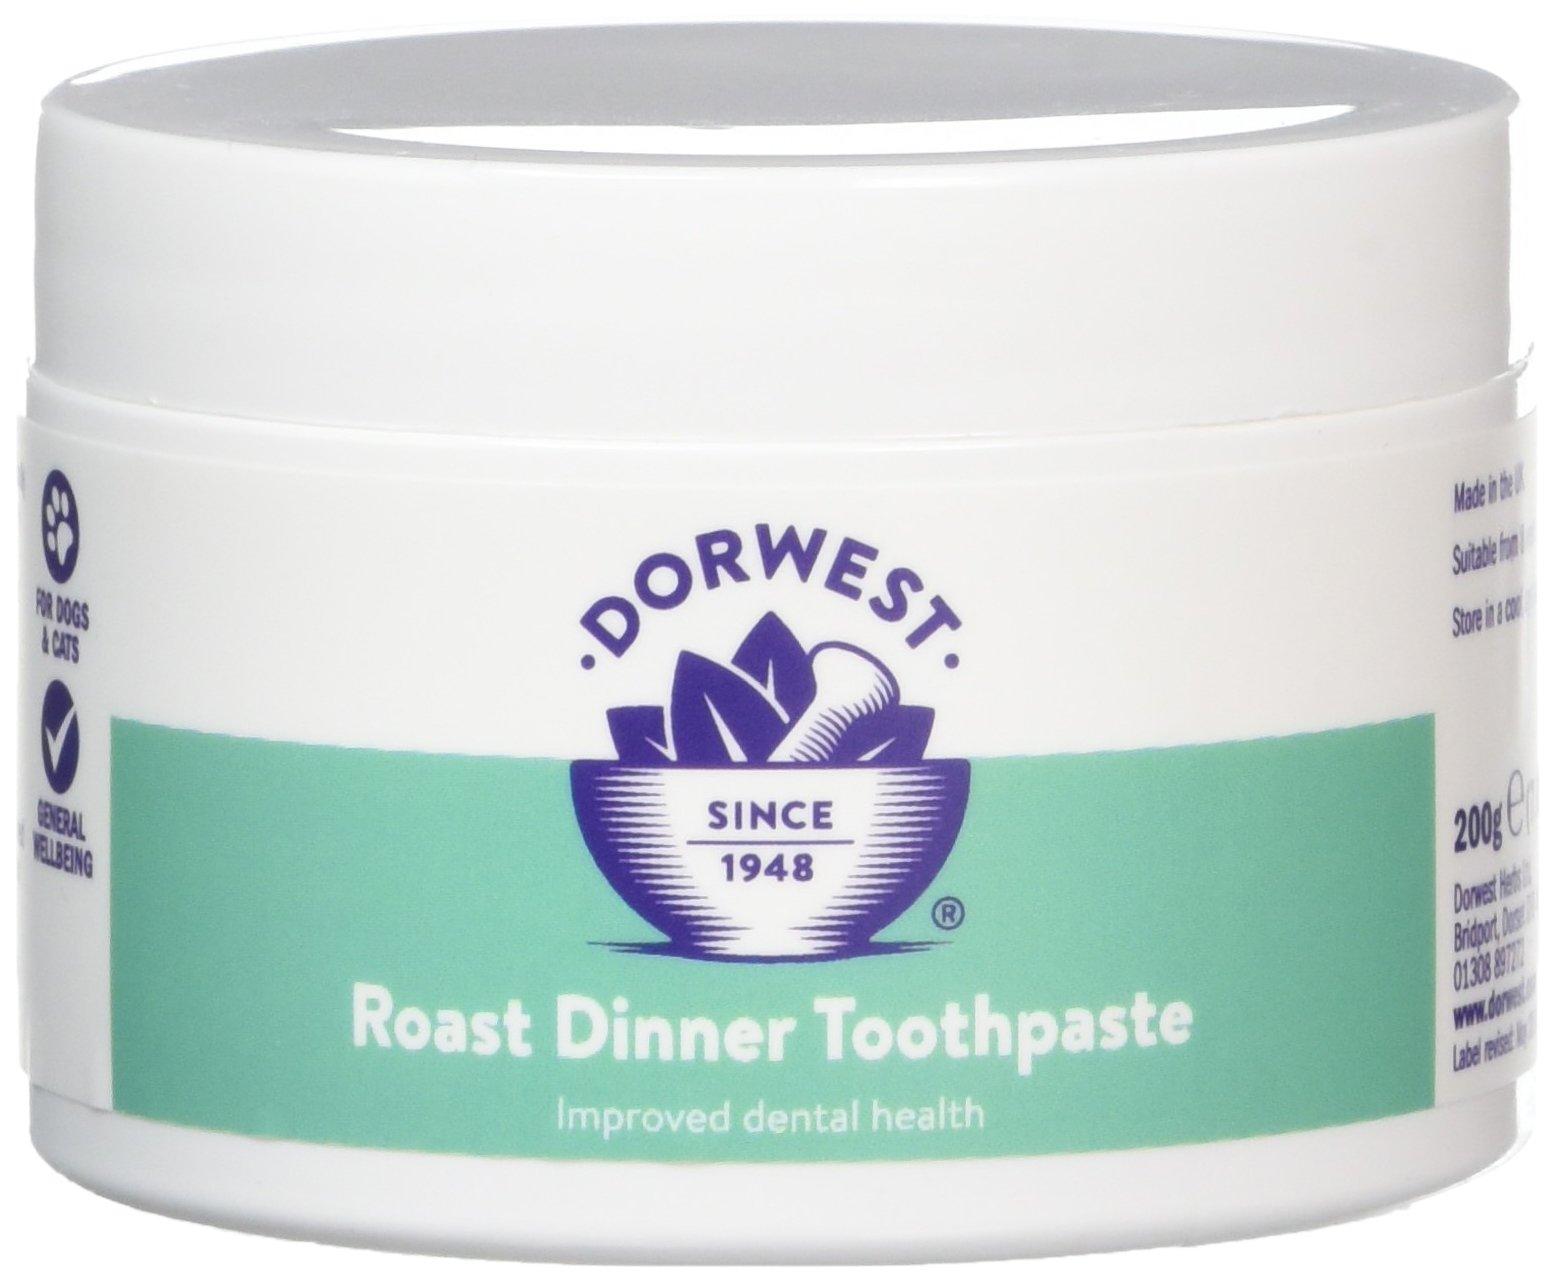 Dentifrice Dîner Rôti, 200g by Dorwest Herbs